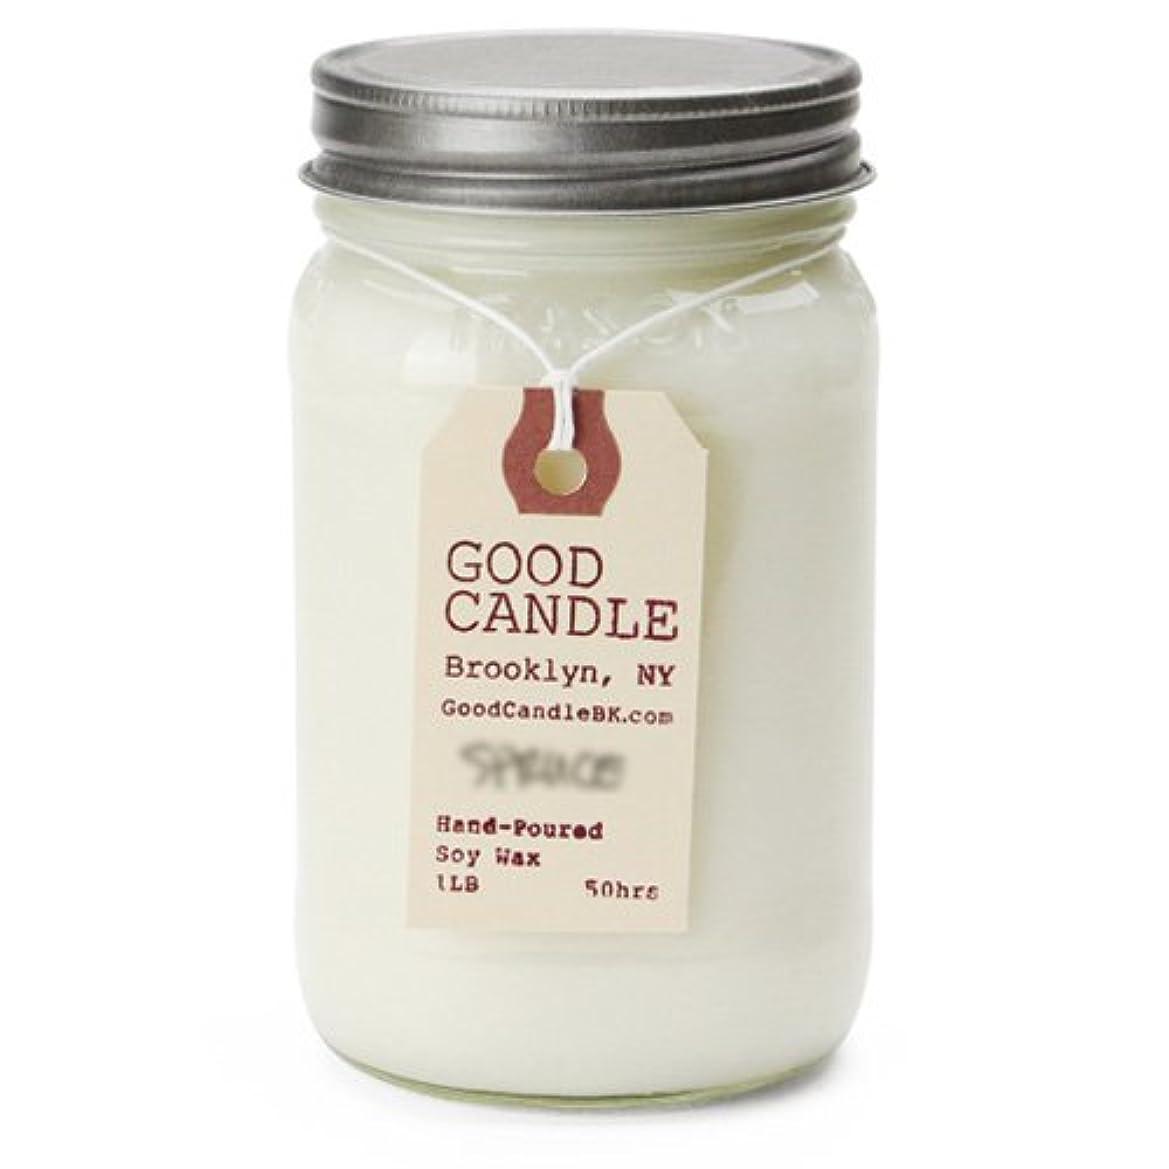 沿って結婚したバラバラにするグッドキャンドル 1ポンド メイソンジャー キャンドル Good Candle 1LB Mason jar candle [ Rose ] 正規品